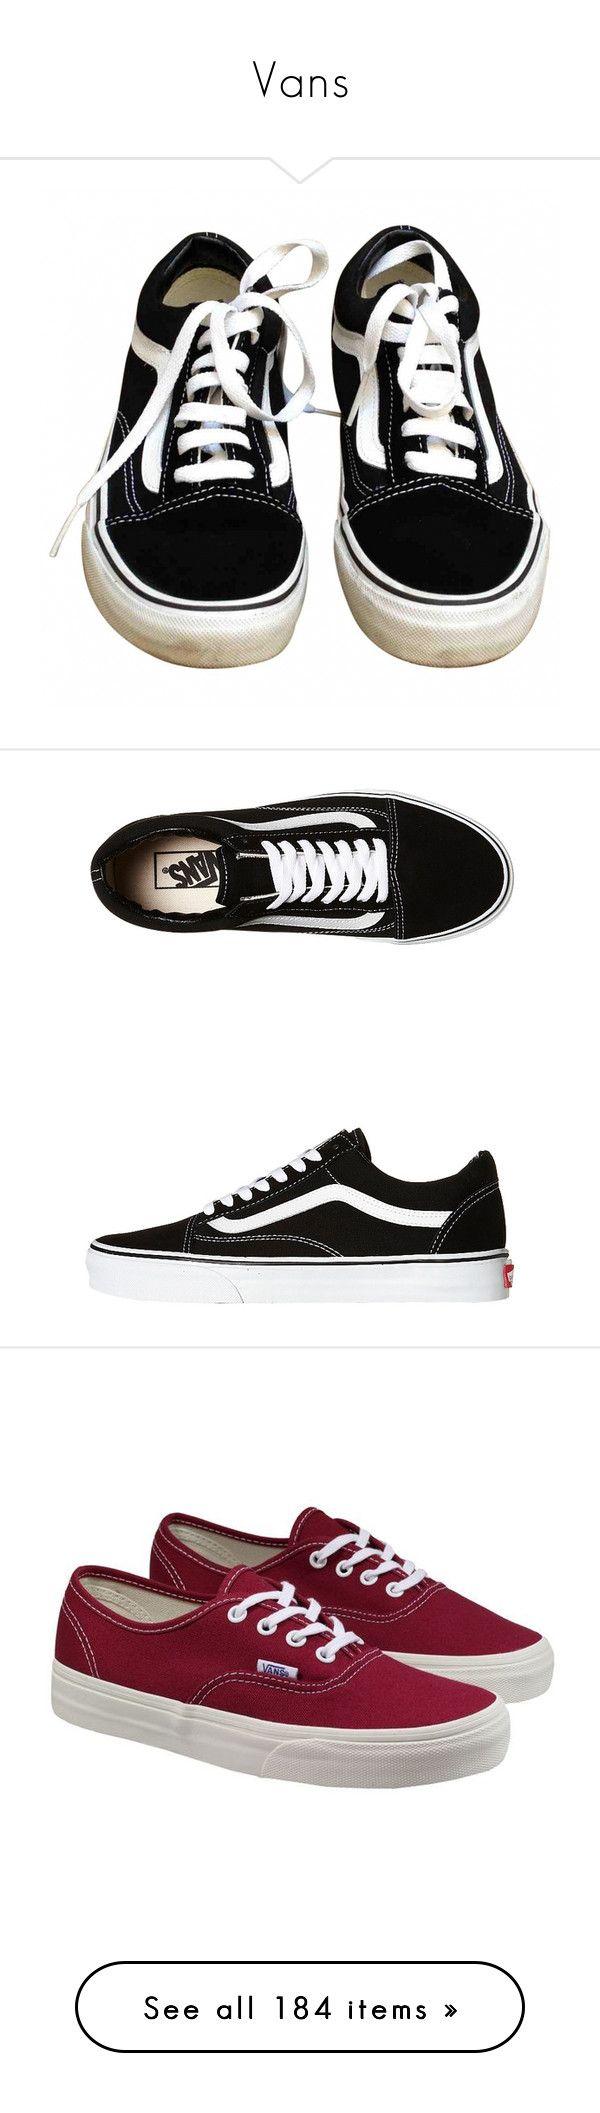 17 Best ideas about Vans Footwear on Pinterest | Pro skate, Crop ...